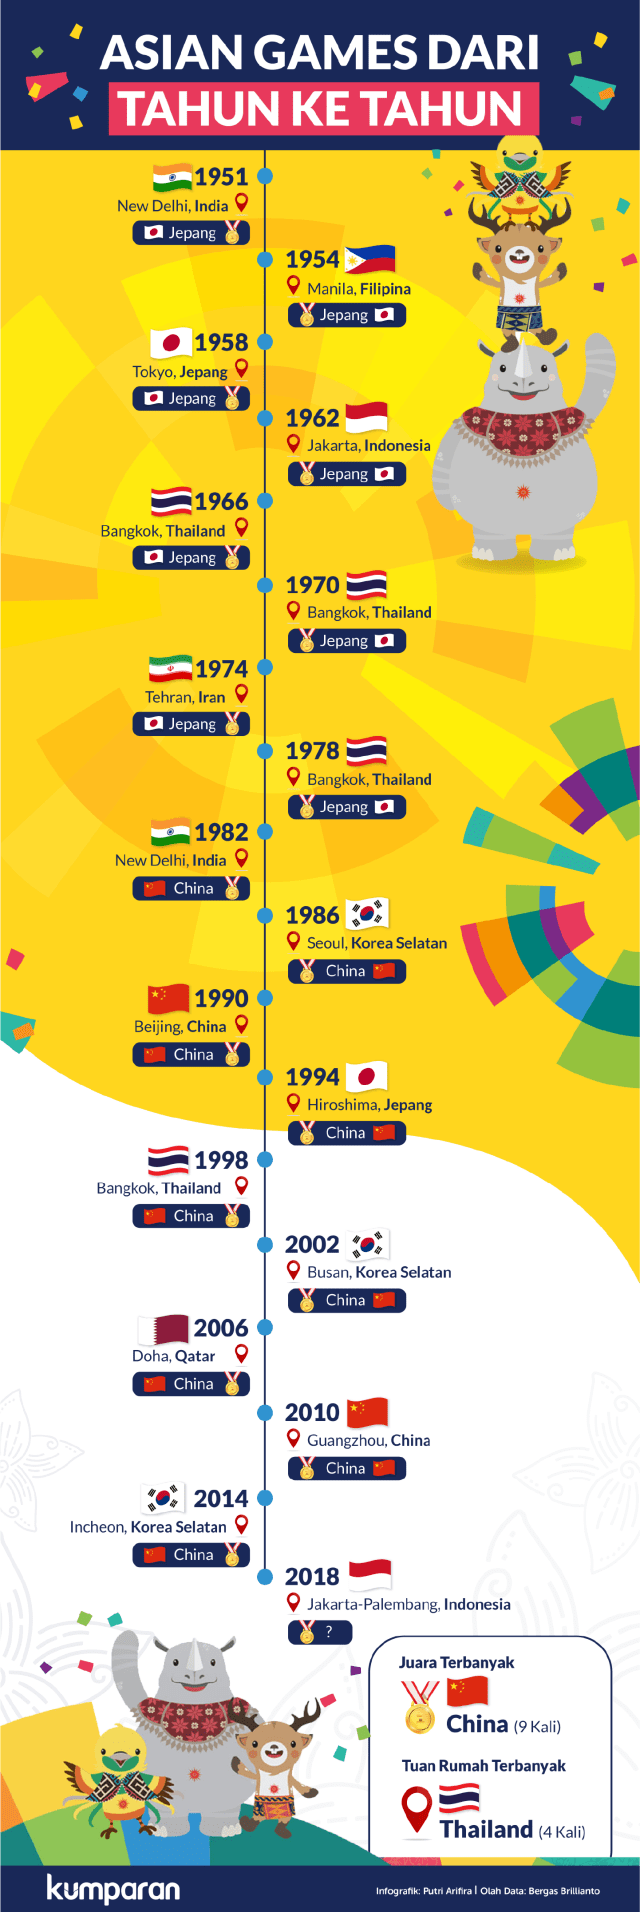 Infografik: Asian Games dari Masa ke Masa (63437)